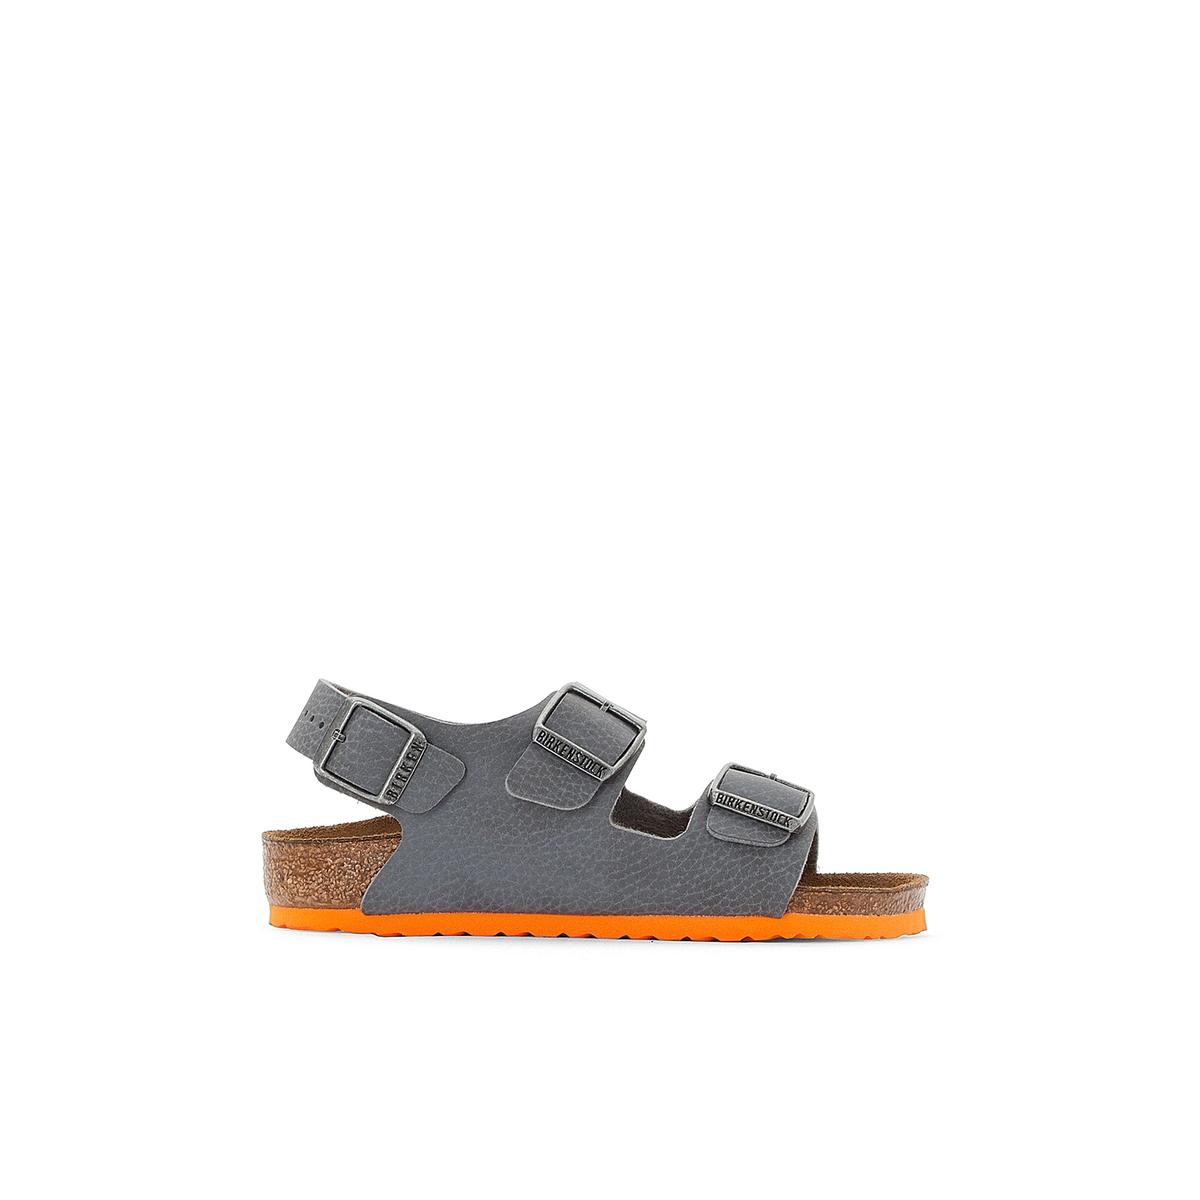 Сандалии на плоском каблуке Milano, размеры 24-34Описание:Детали •  Плоский каблук •  Высота каблука : 1 см •  Застежка : ремешок/пряжка •  Открытый мысок •  Гладкая отделкаСостав и уход •  Верх/Голенище : 100% синтетический материал •  Подкладка : 100% текстиль •  Стелька : 100% кожа •  Подошва : 100% ЭВА<br><br>Цвет: серый/ оранжевый<br>Размер: 31